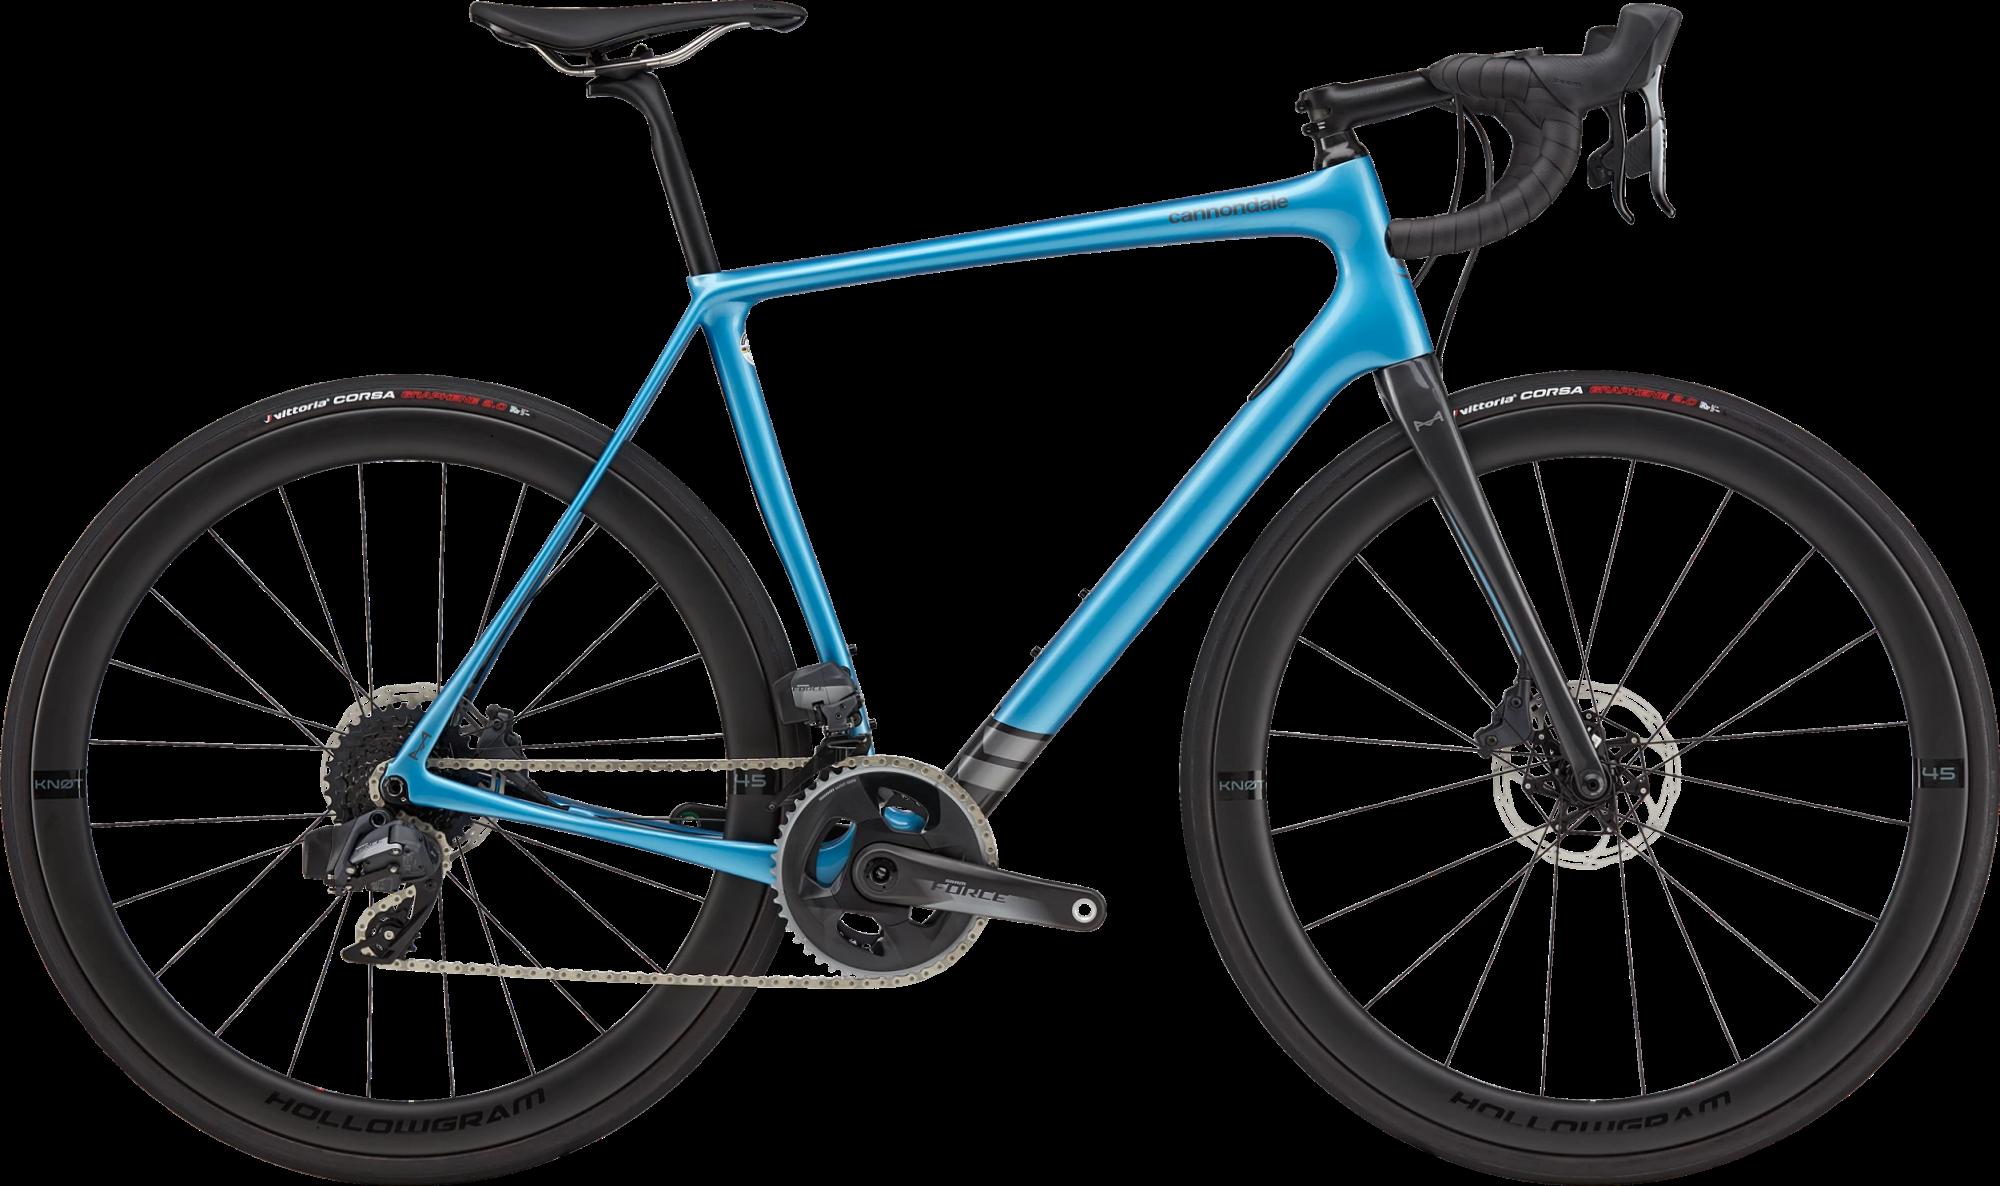 Cannondale Synapse Hi Mod Force AXS Disc Carbon Road Bike 2021 Alpine